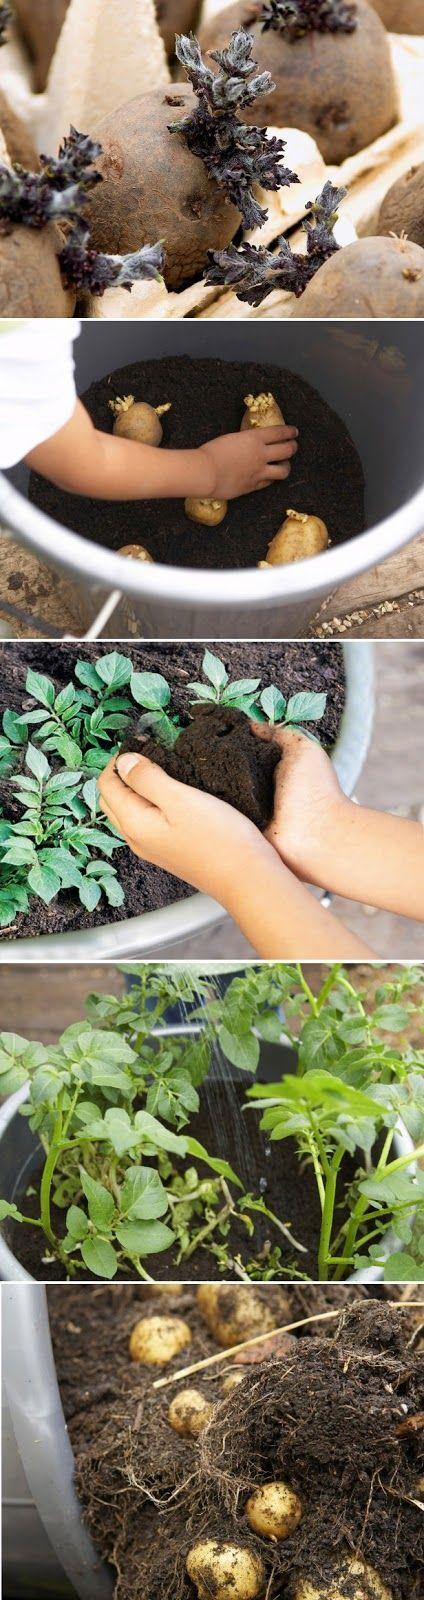 Grow Potatoes in Pots